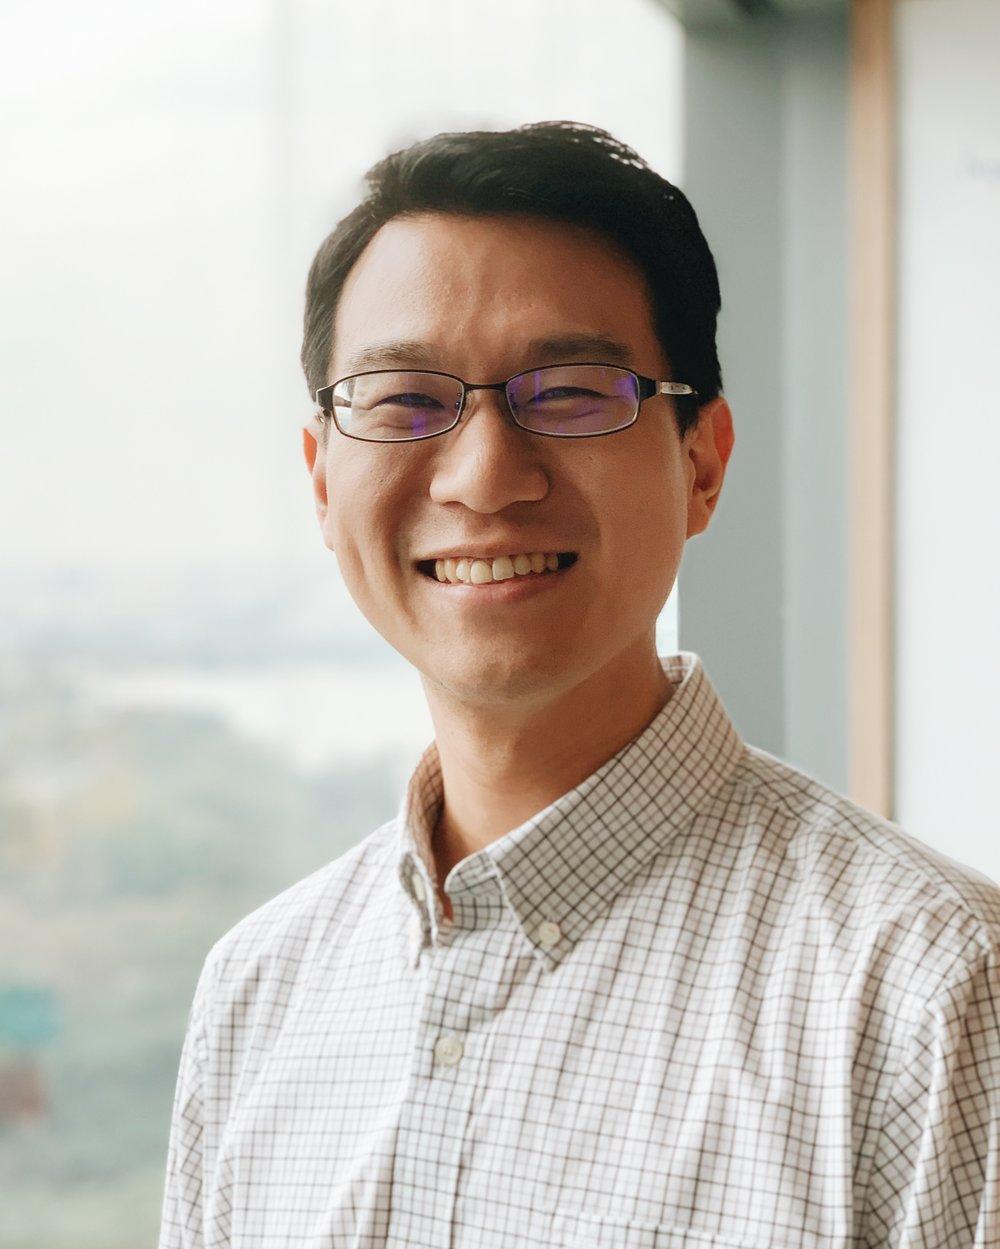 Loh Wei - Director of Finance